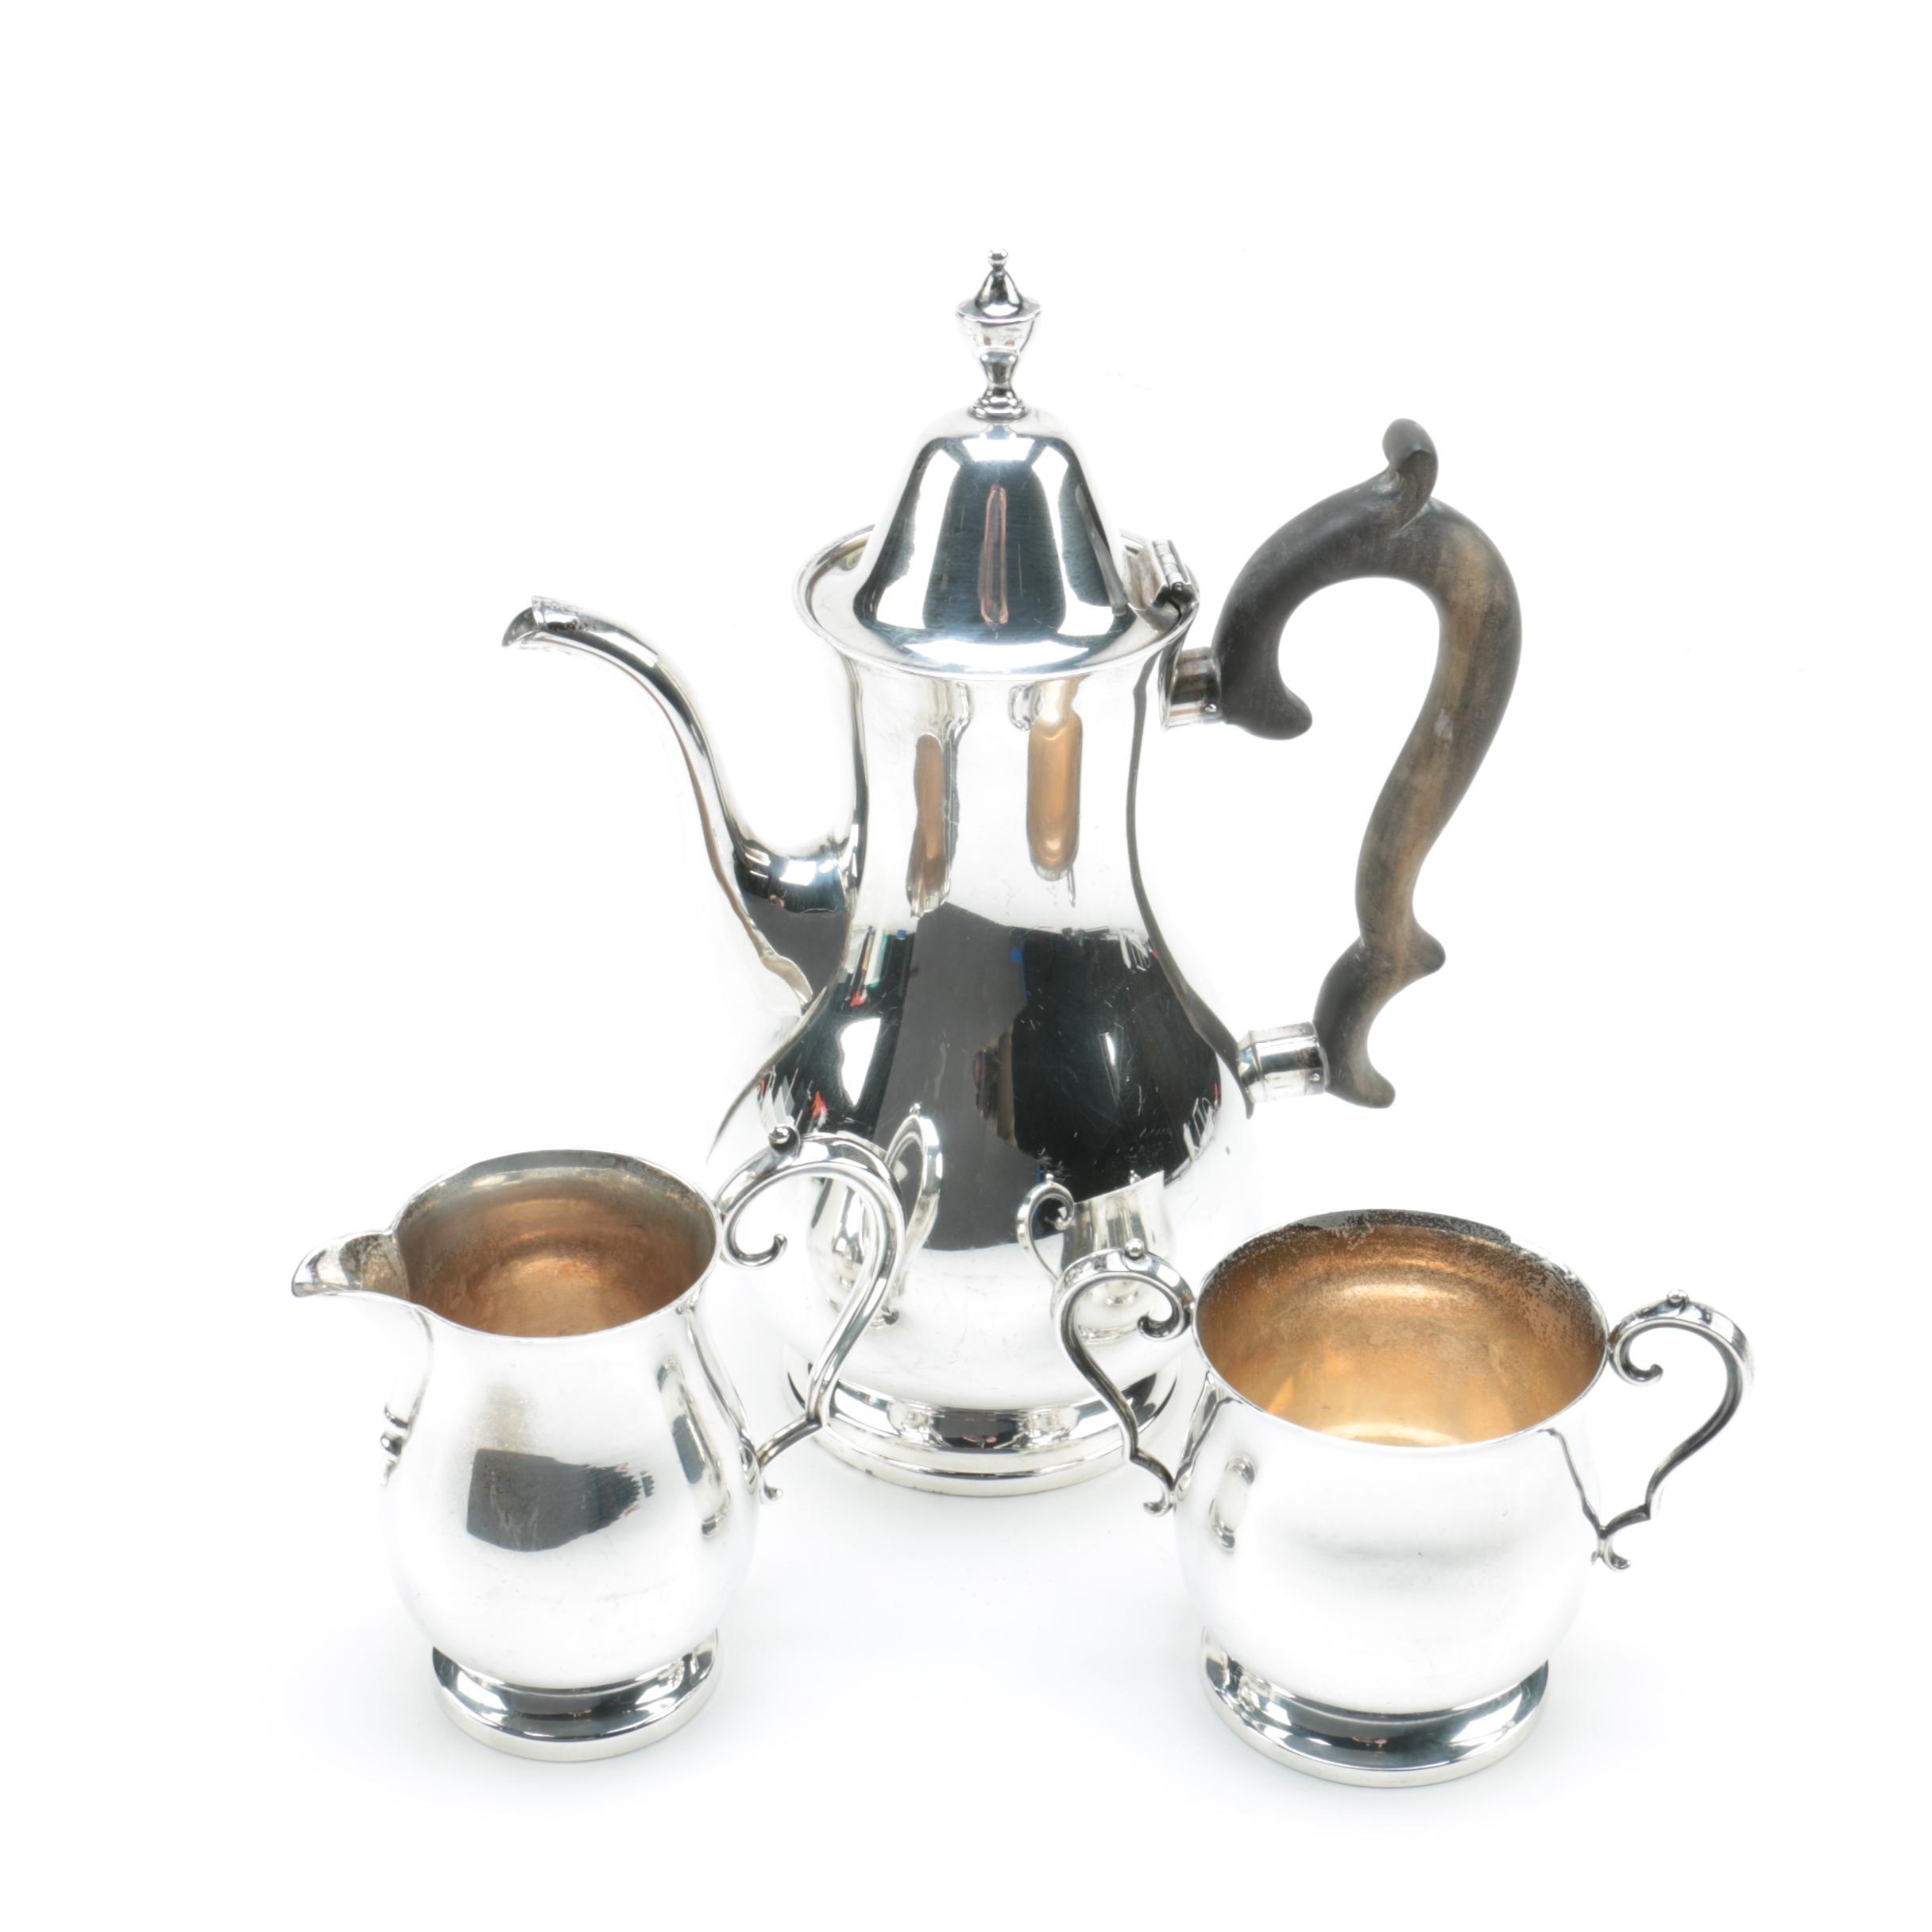 Ellmore Silver Sterling Silver Coffee Service